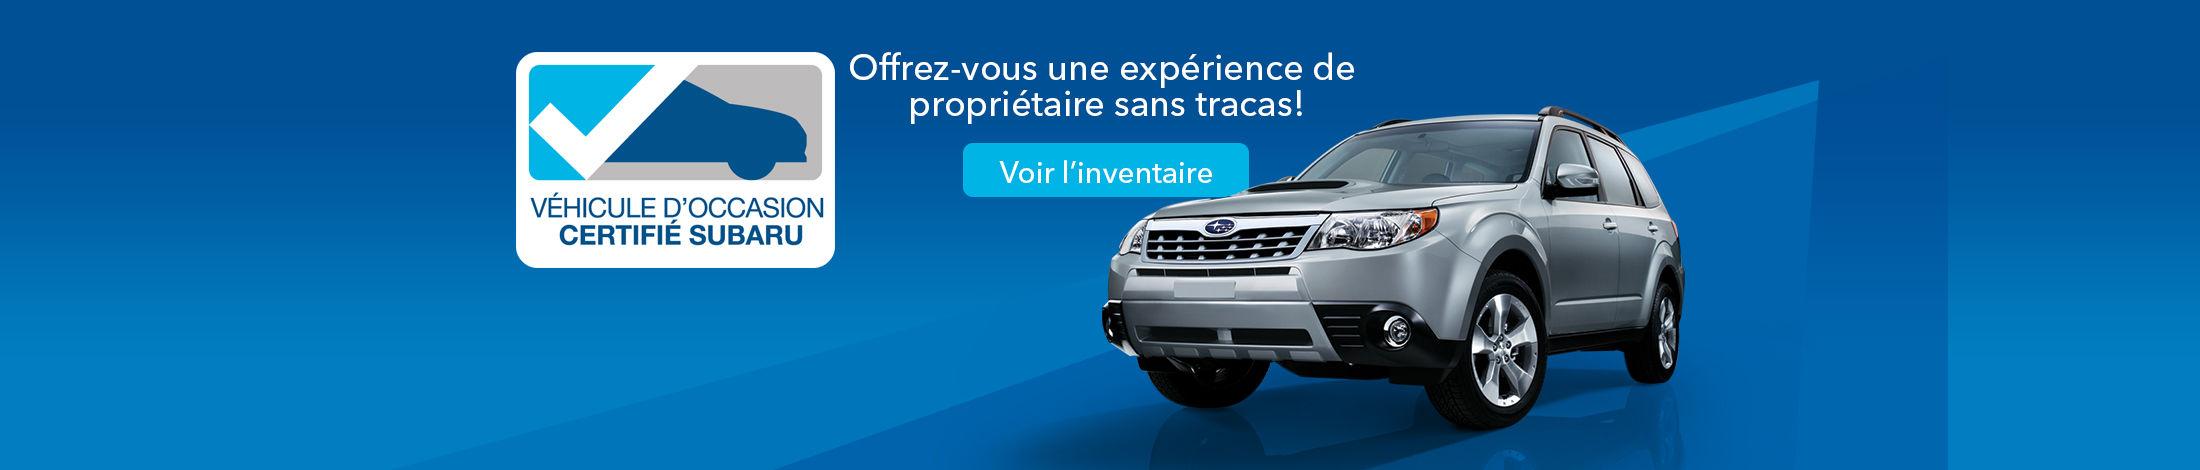 Véhicule d'occasion certifié Subaru